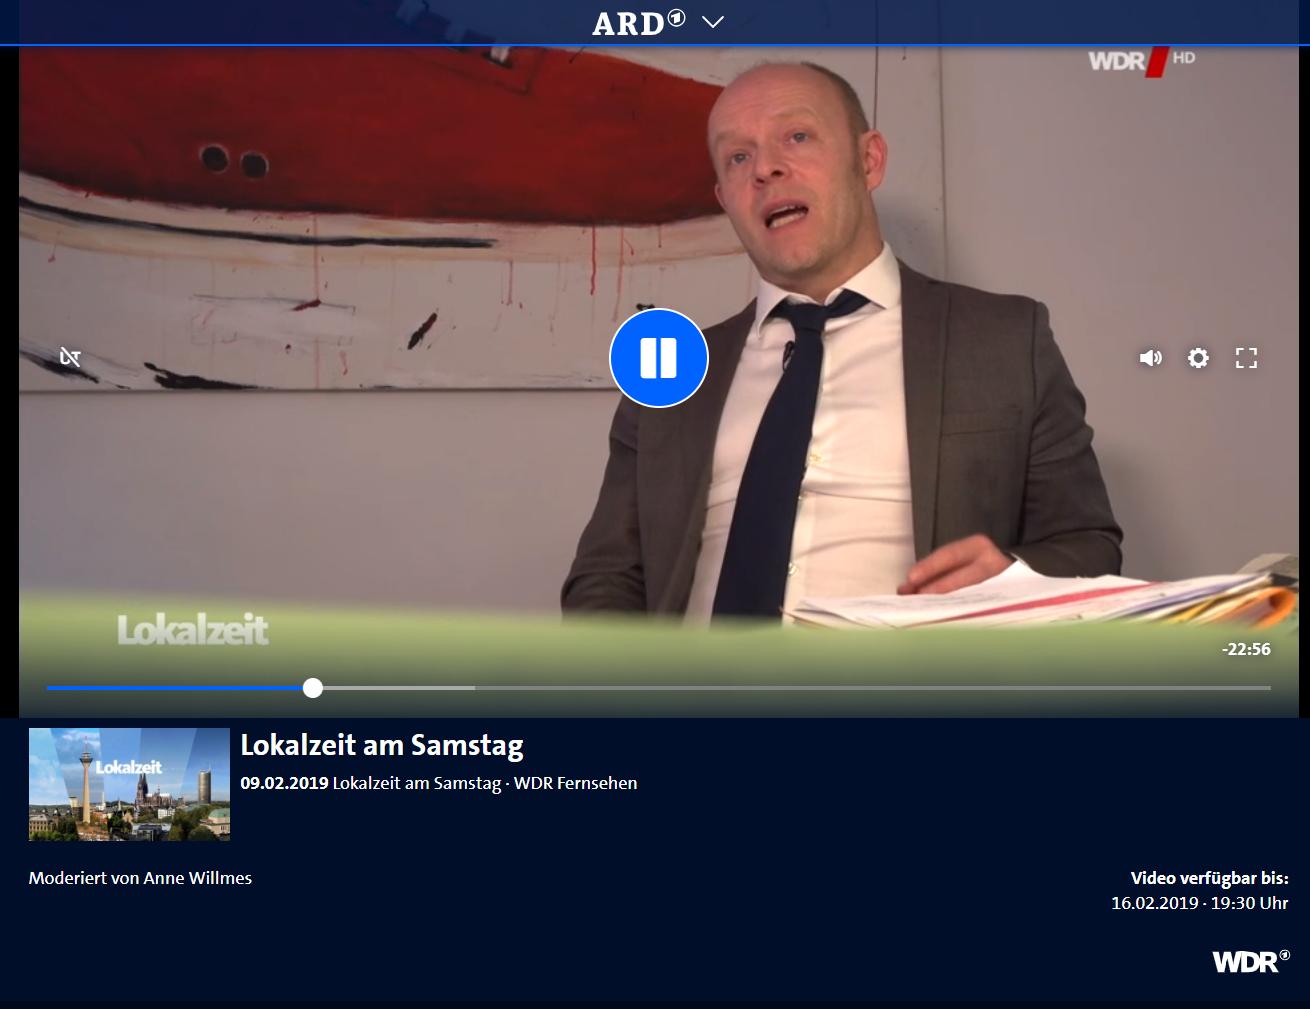 WDR/ARD Lokalzeit am Samstag 9.2.: Was tun bei krank im Job. RA Kempgens mit den wichtigsten Tipps.